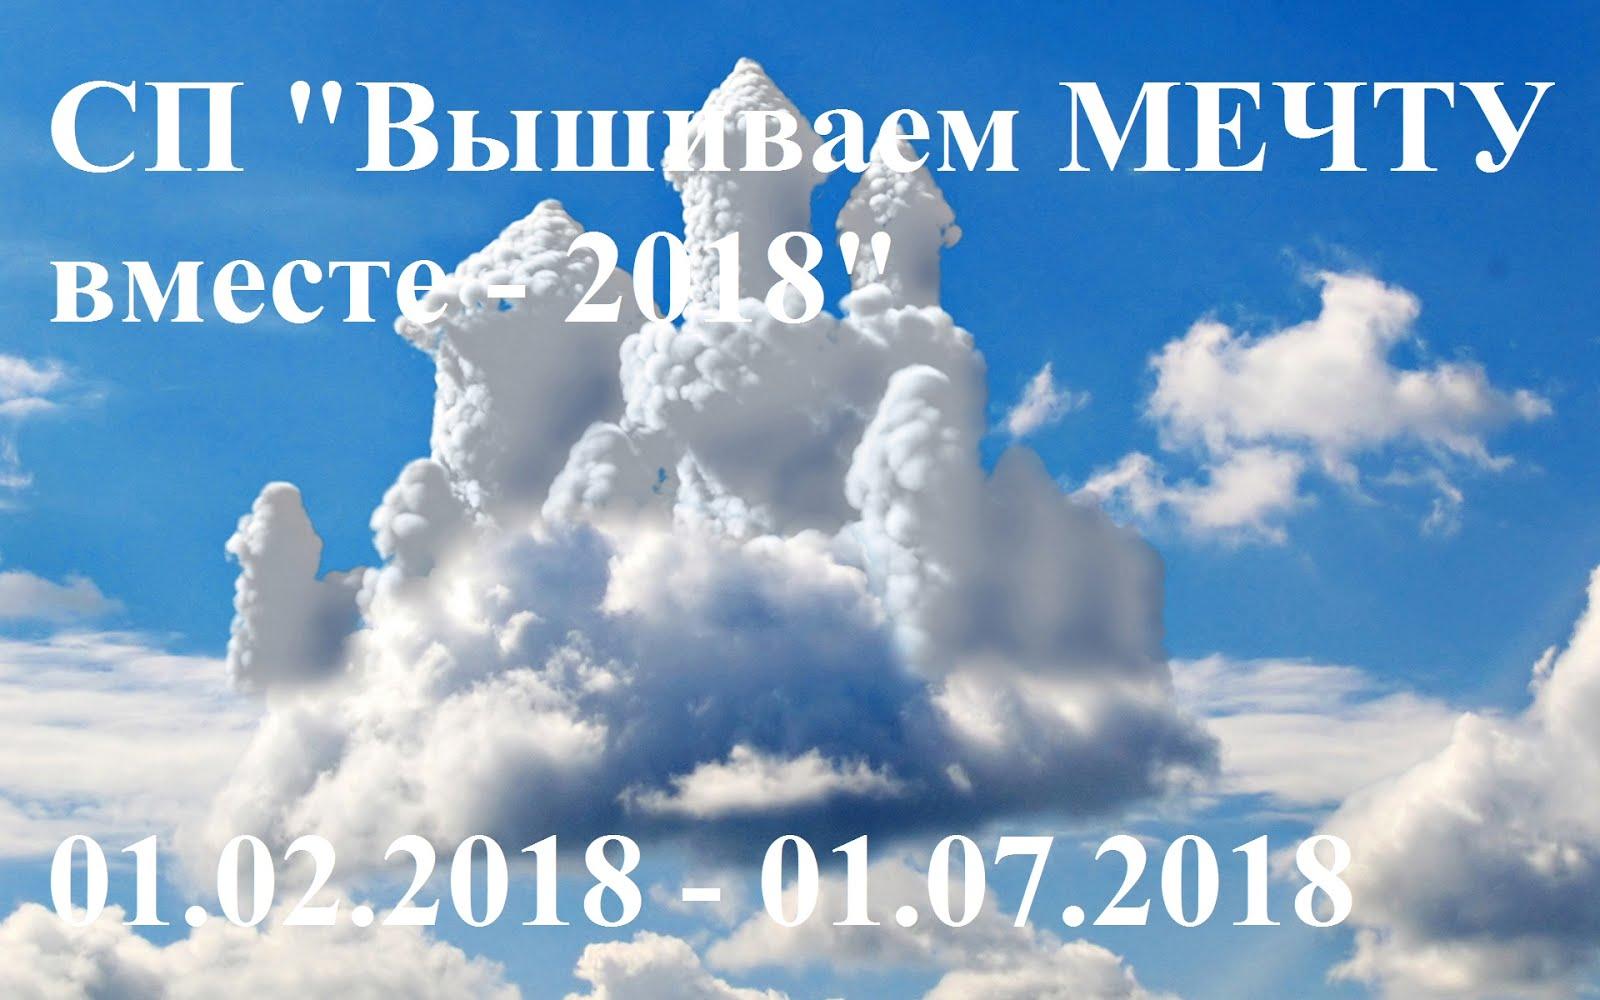 """СП """"Вышиваем МЕЧТУ вместе-2018"""""""